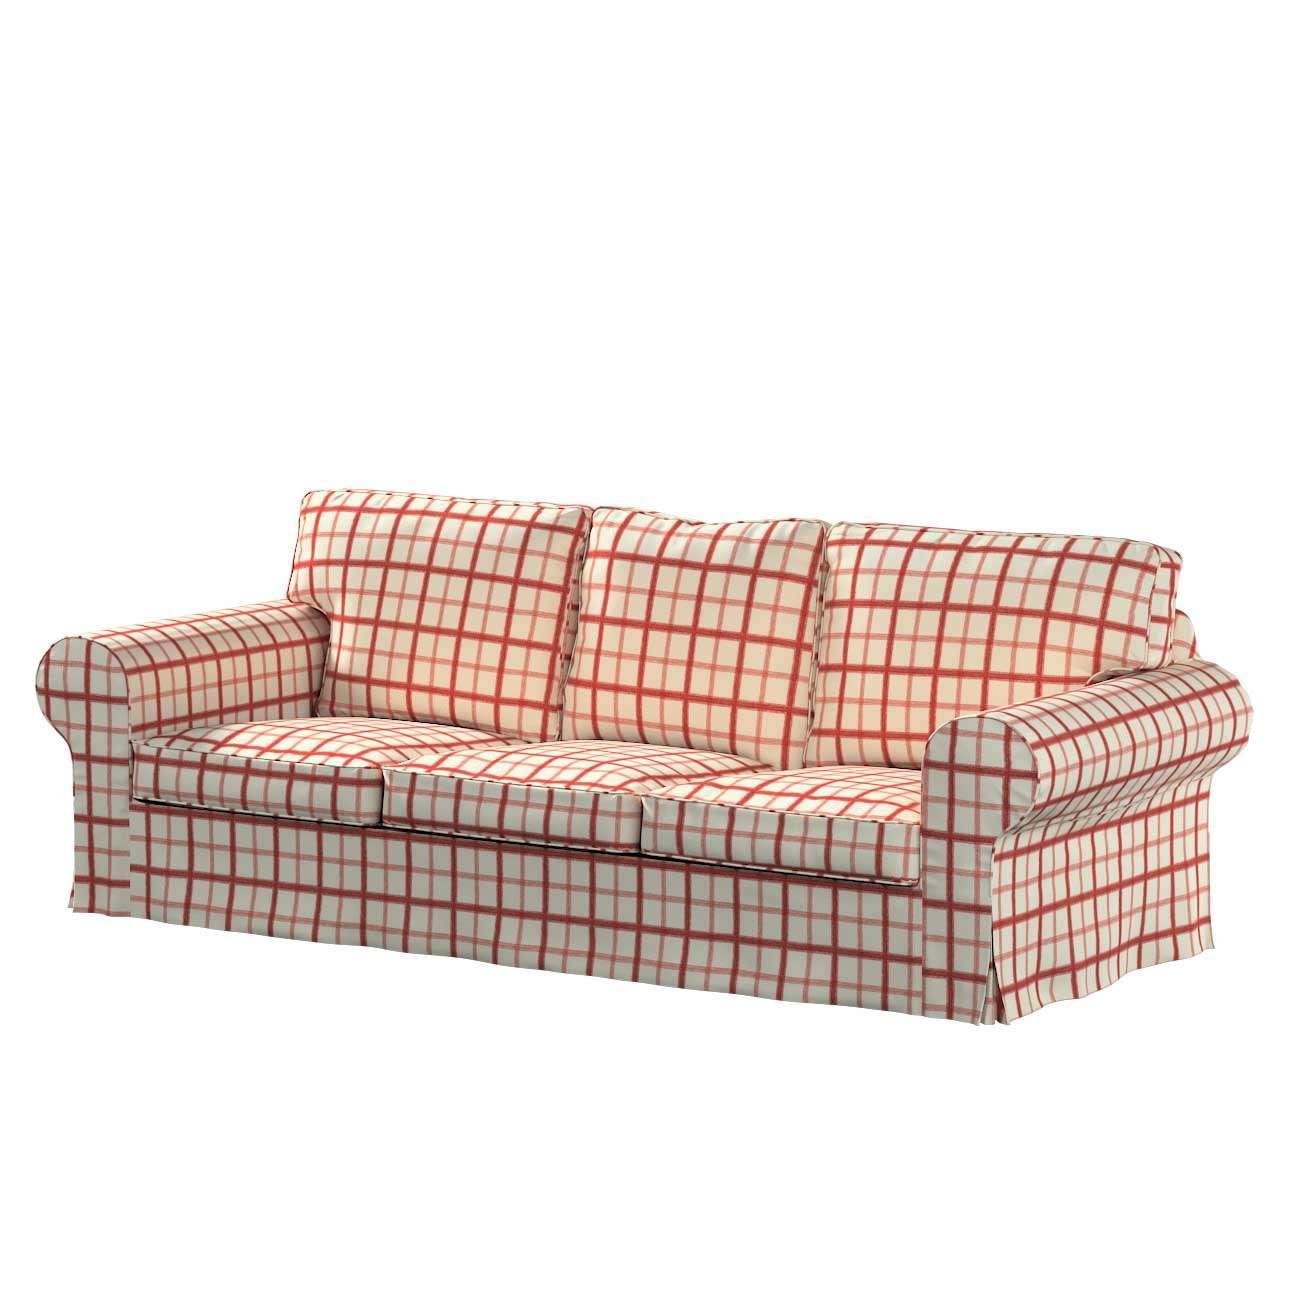 Pokrowiec na sofę Ektorp 3-osobową, rozkładaną, PIXBO w kolekcji Avinon, tkanina: 131-15